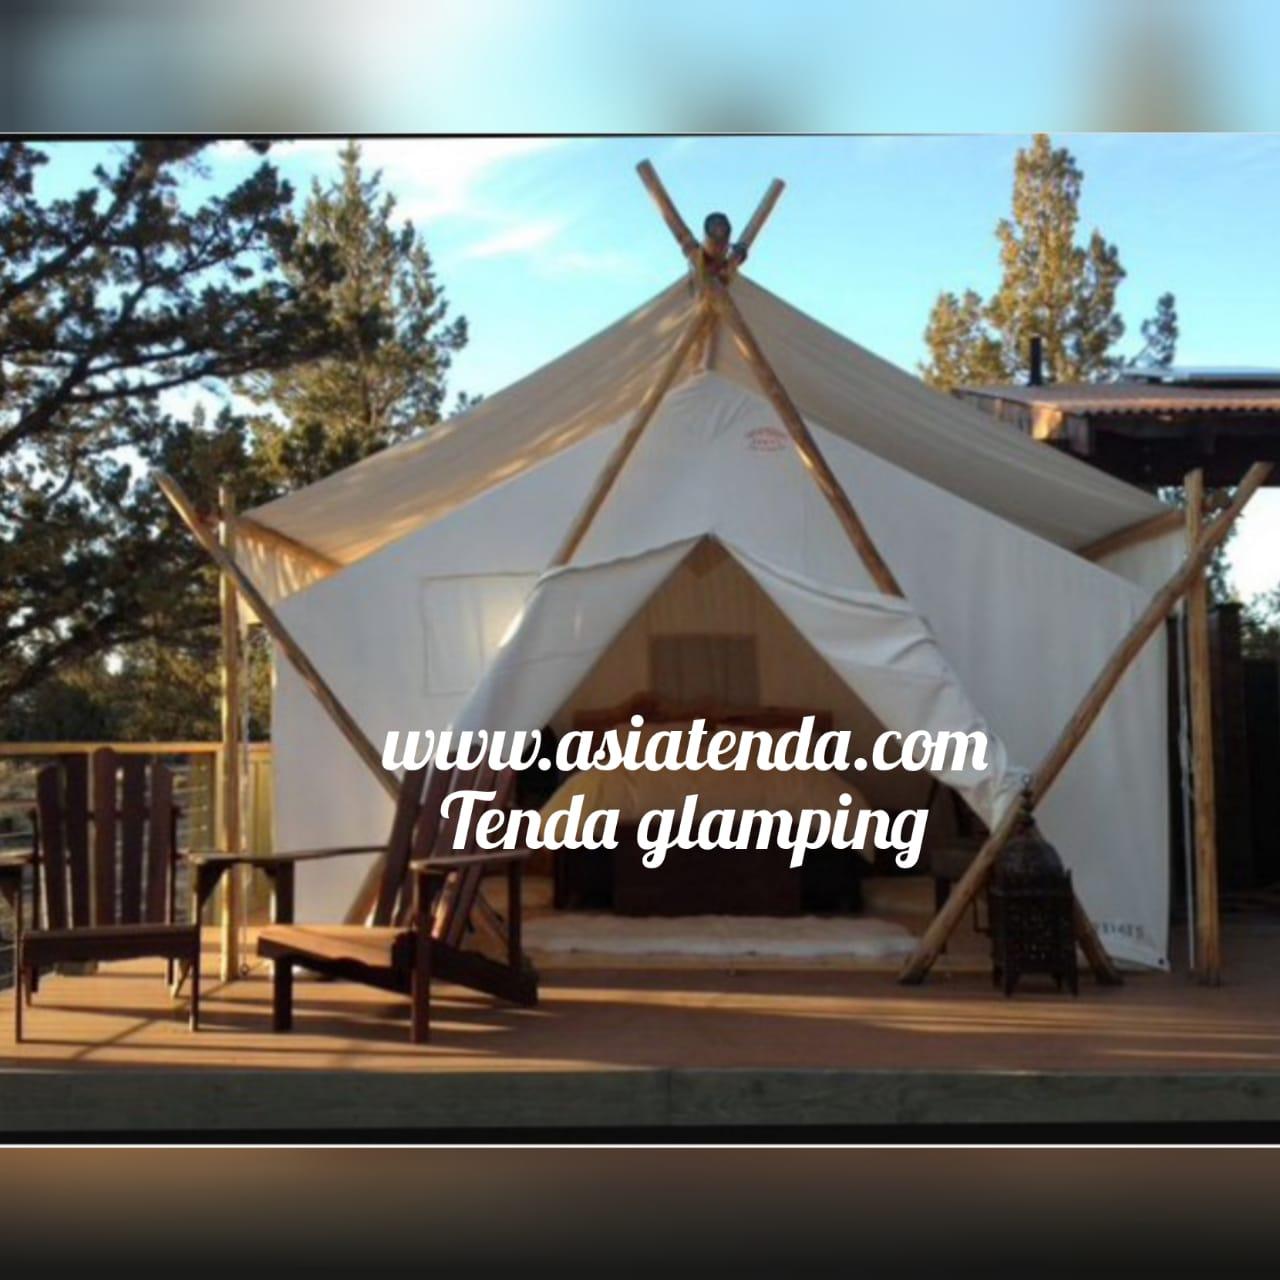 tenda glamping glamour 2